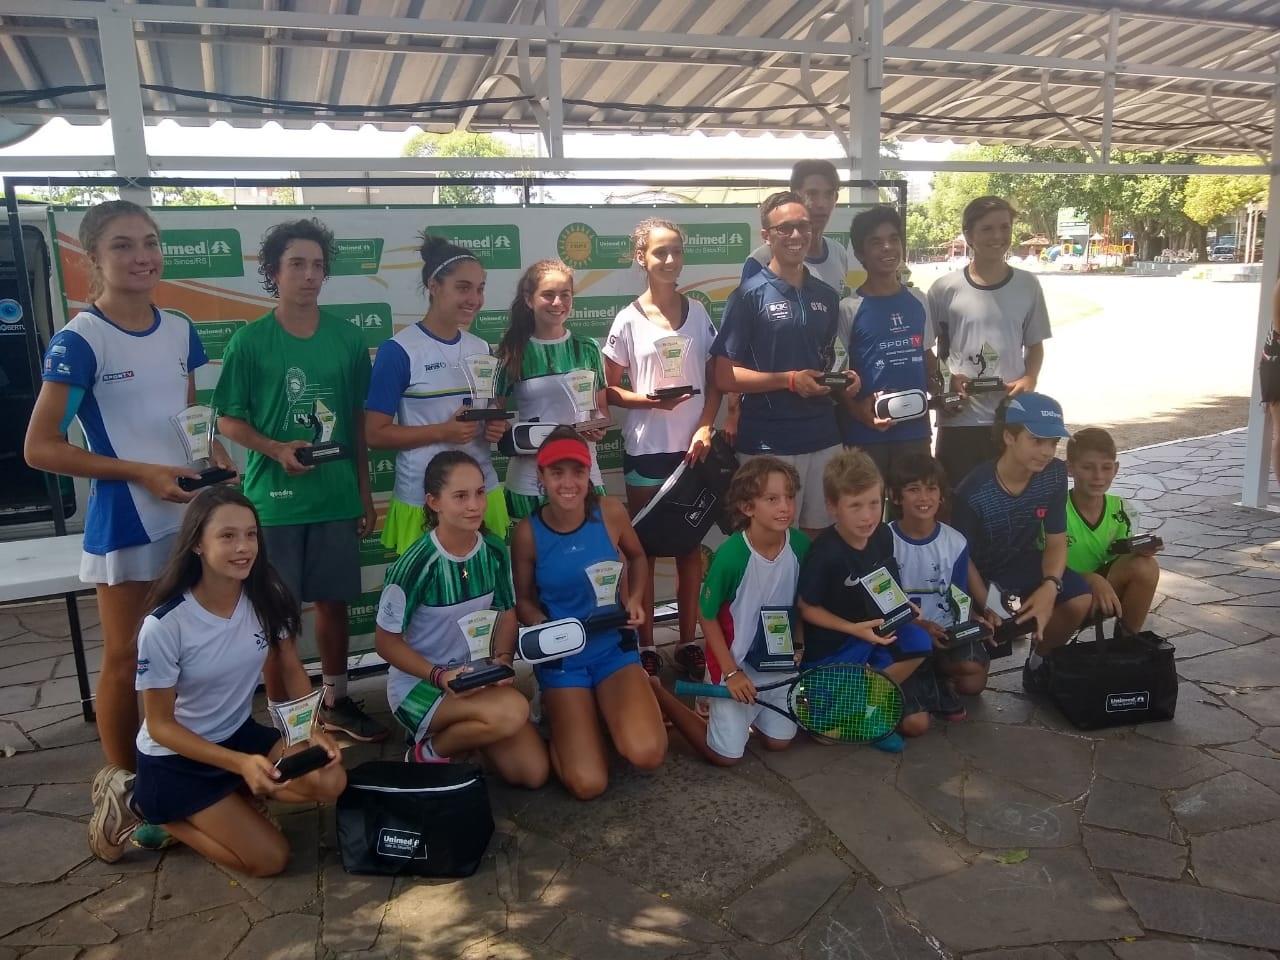 Tenistas do RS SC e PR comemoram títulos na Copa Unimed VS - Tenistas do RS, SC e PR comemoram títulos na Copa Unimed VS